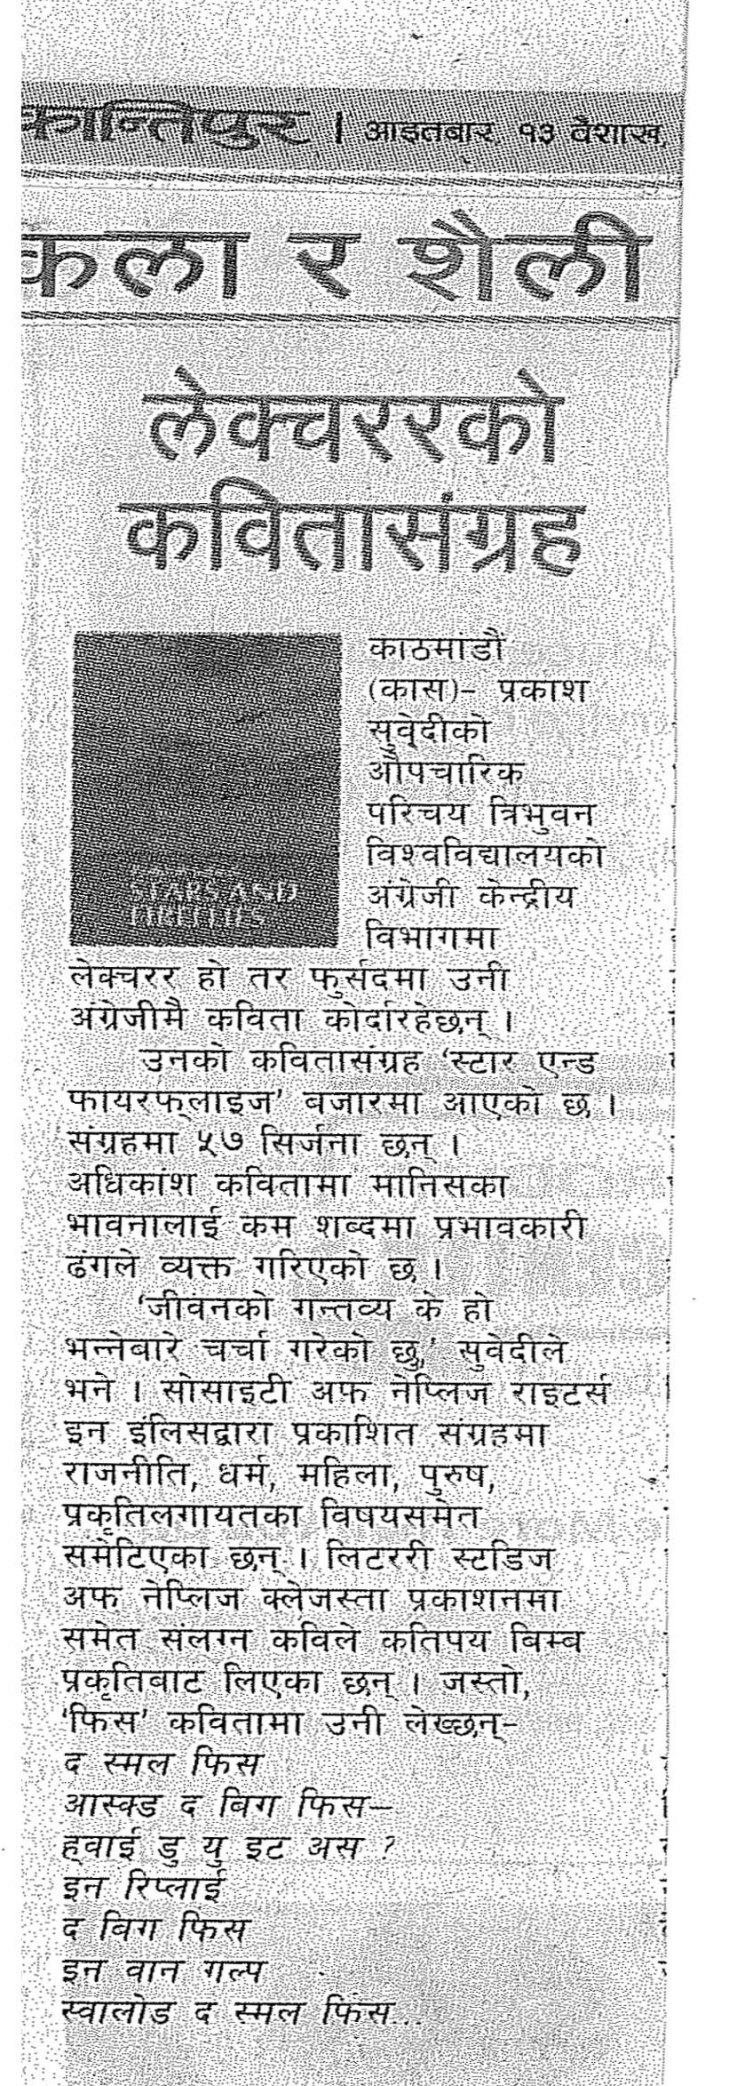 newspaper_cut - Copy (2)